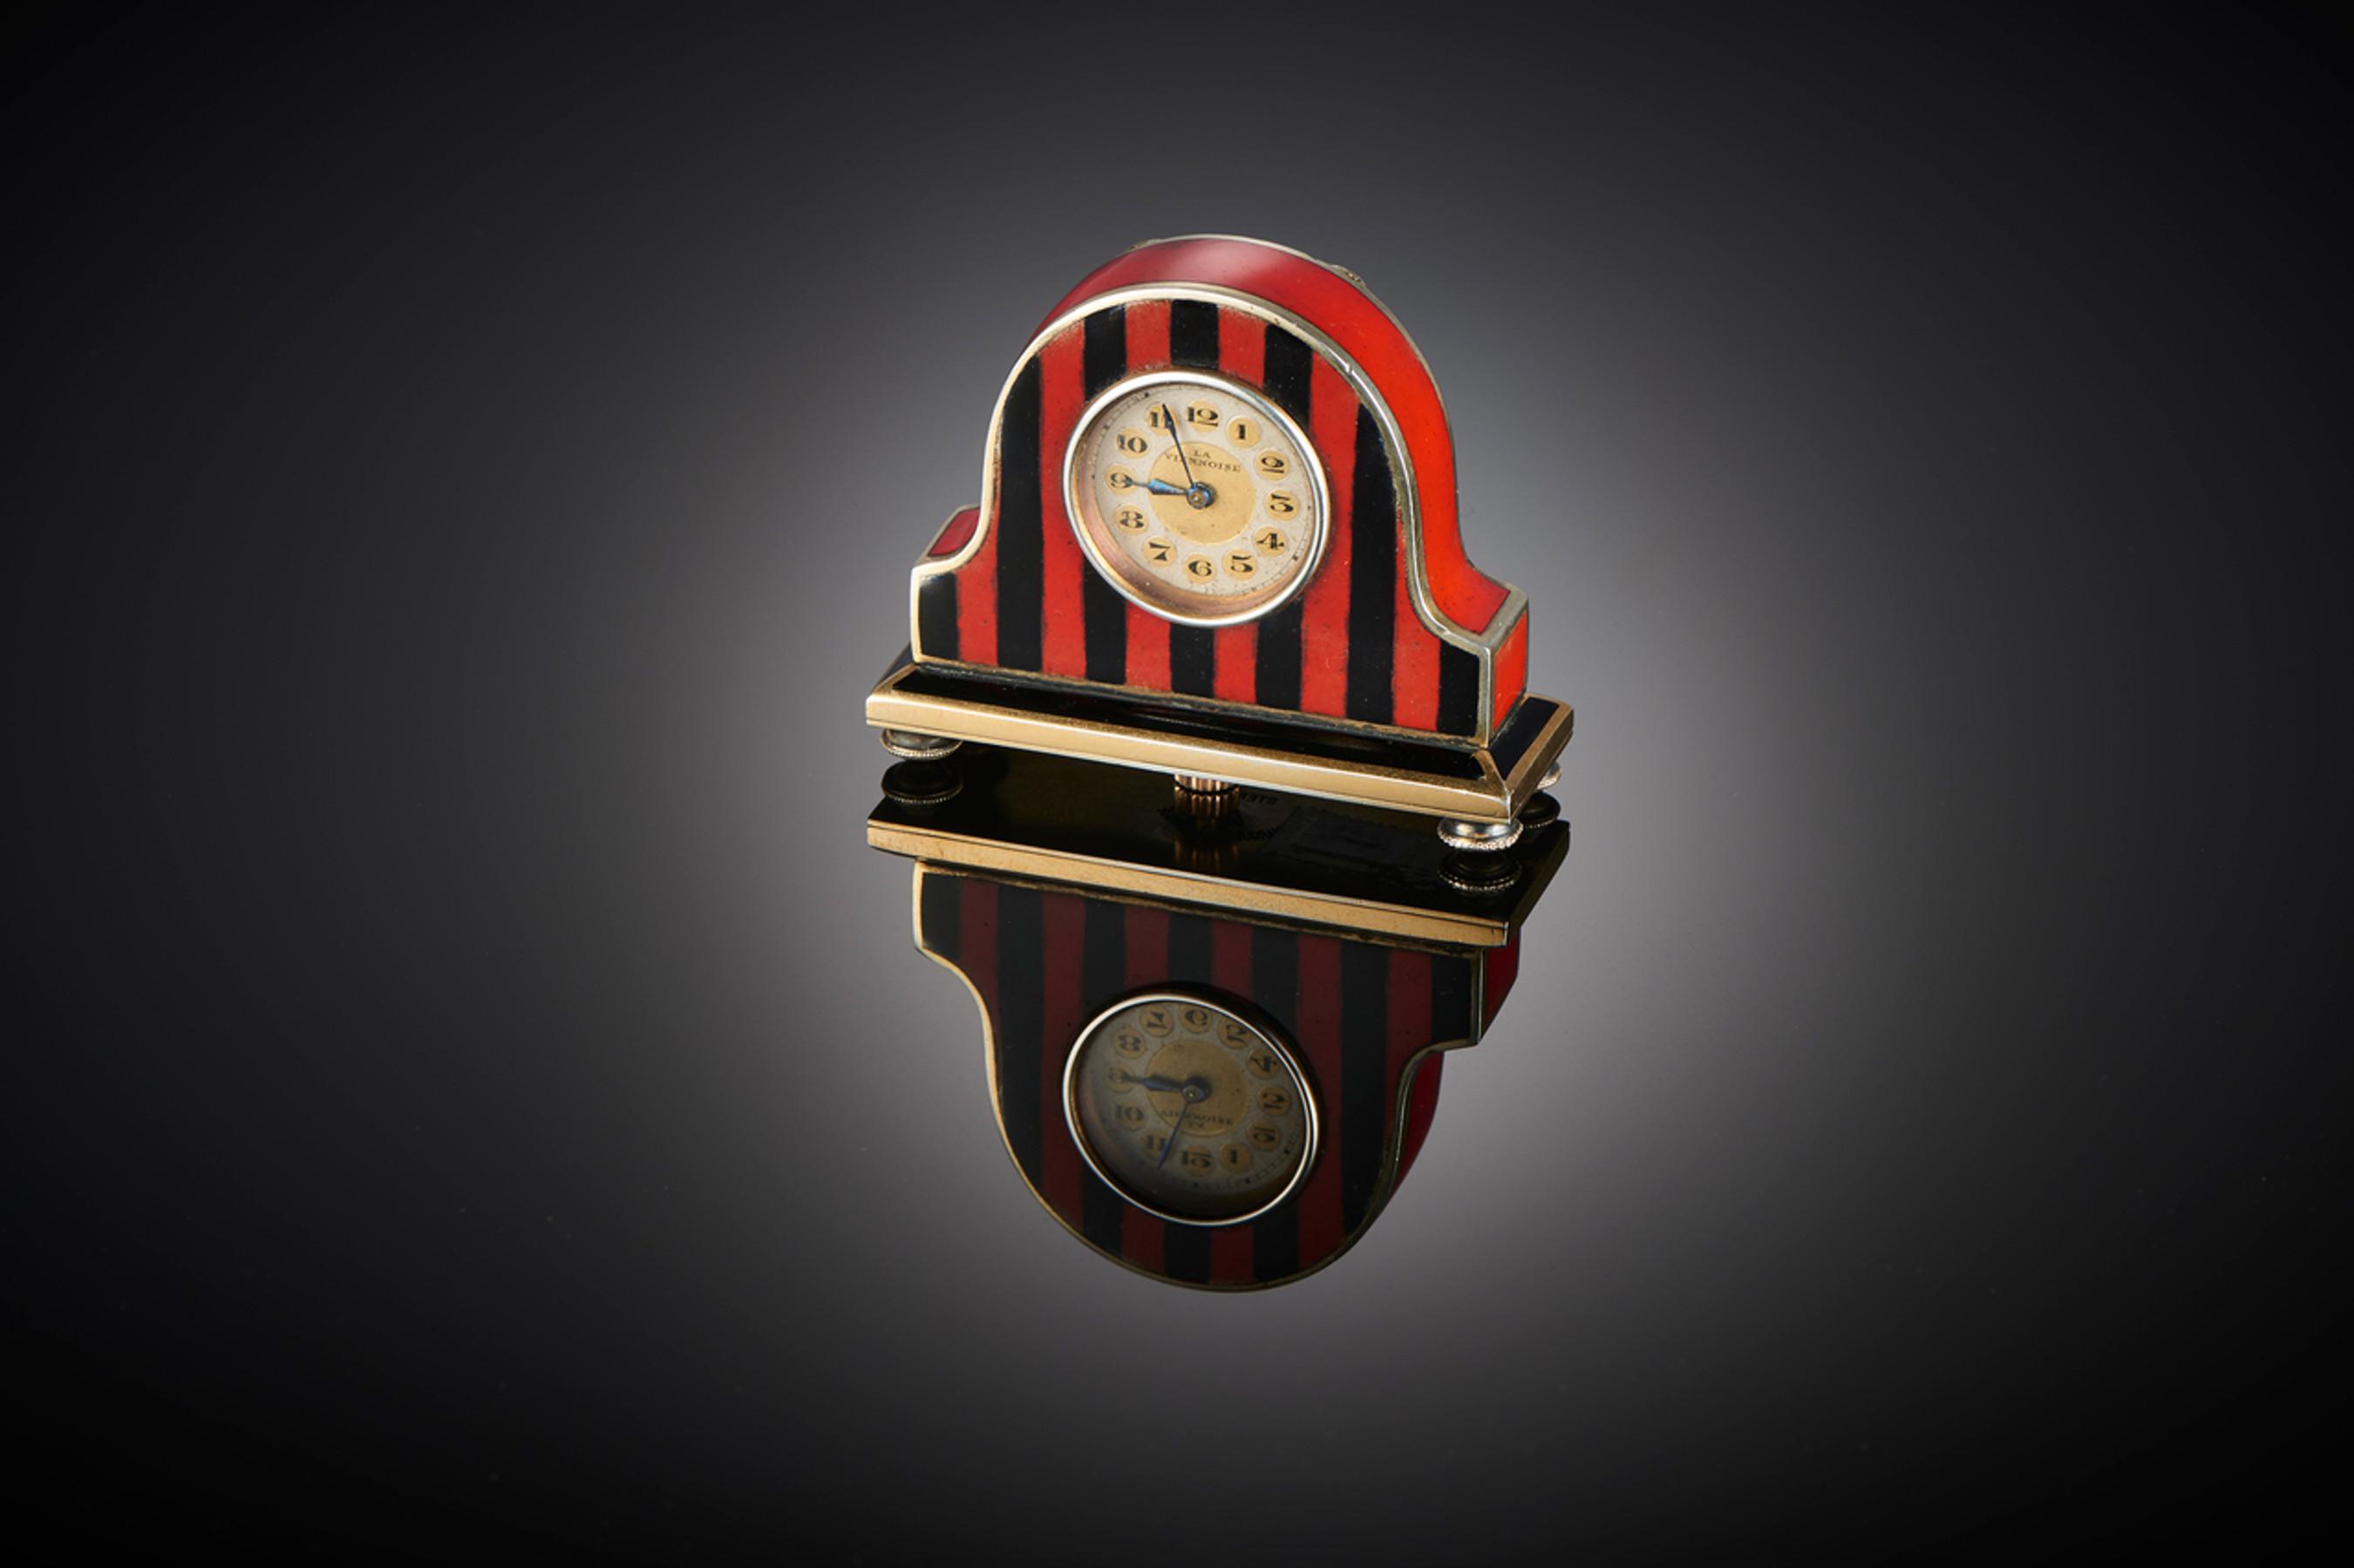 Rare Miniature Enamel Mantle Clock - Front Image